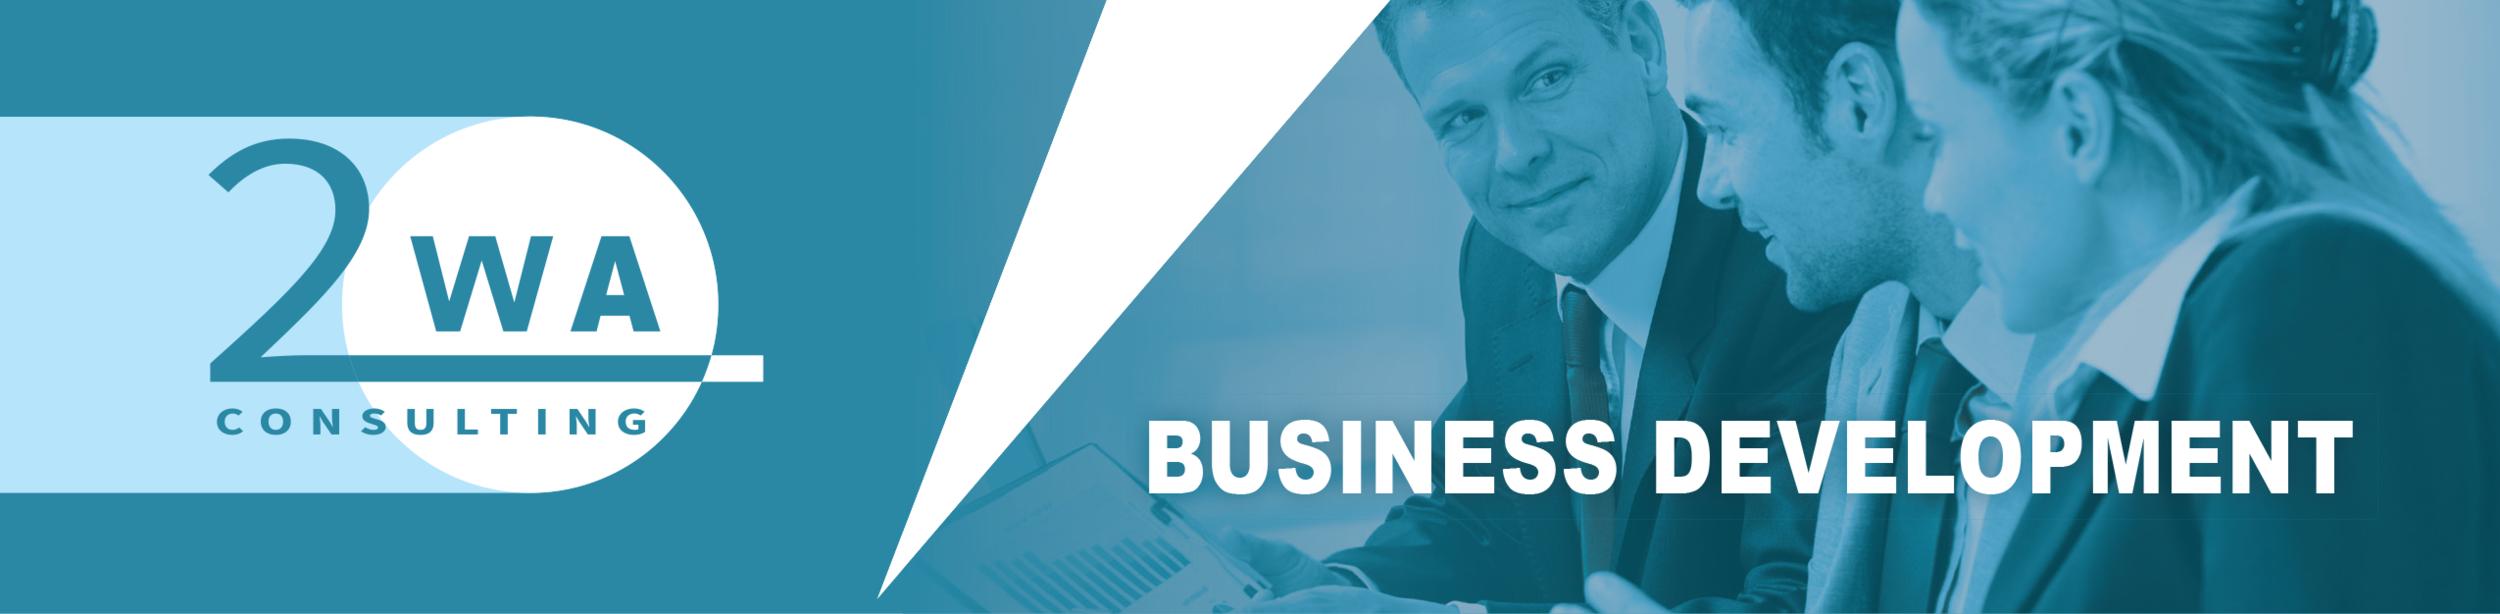 business-development-header.png